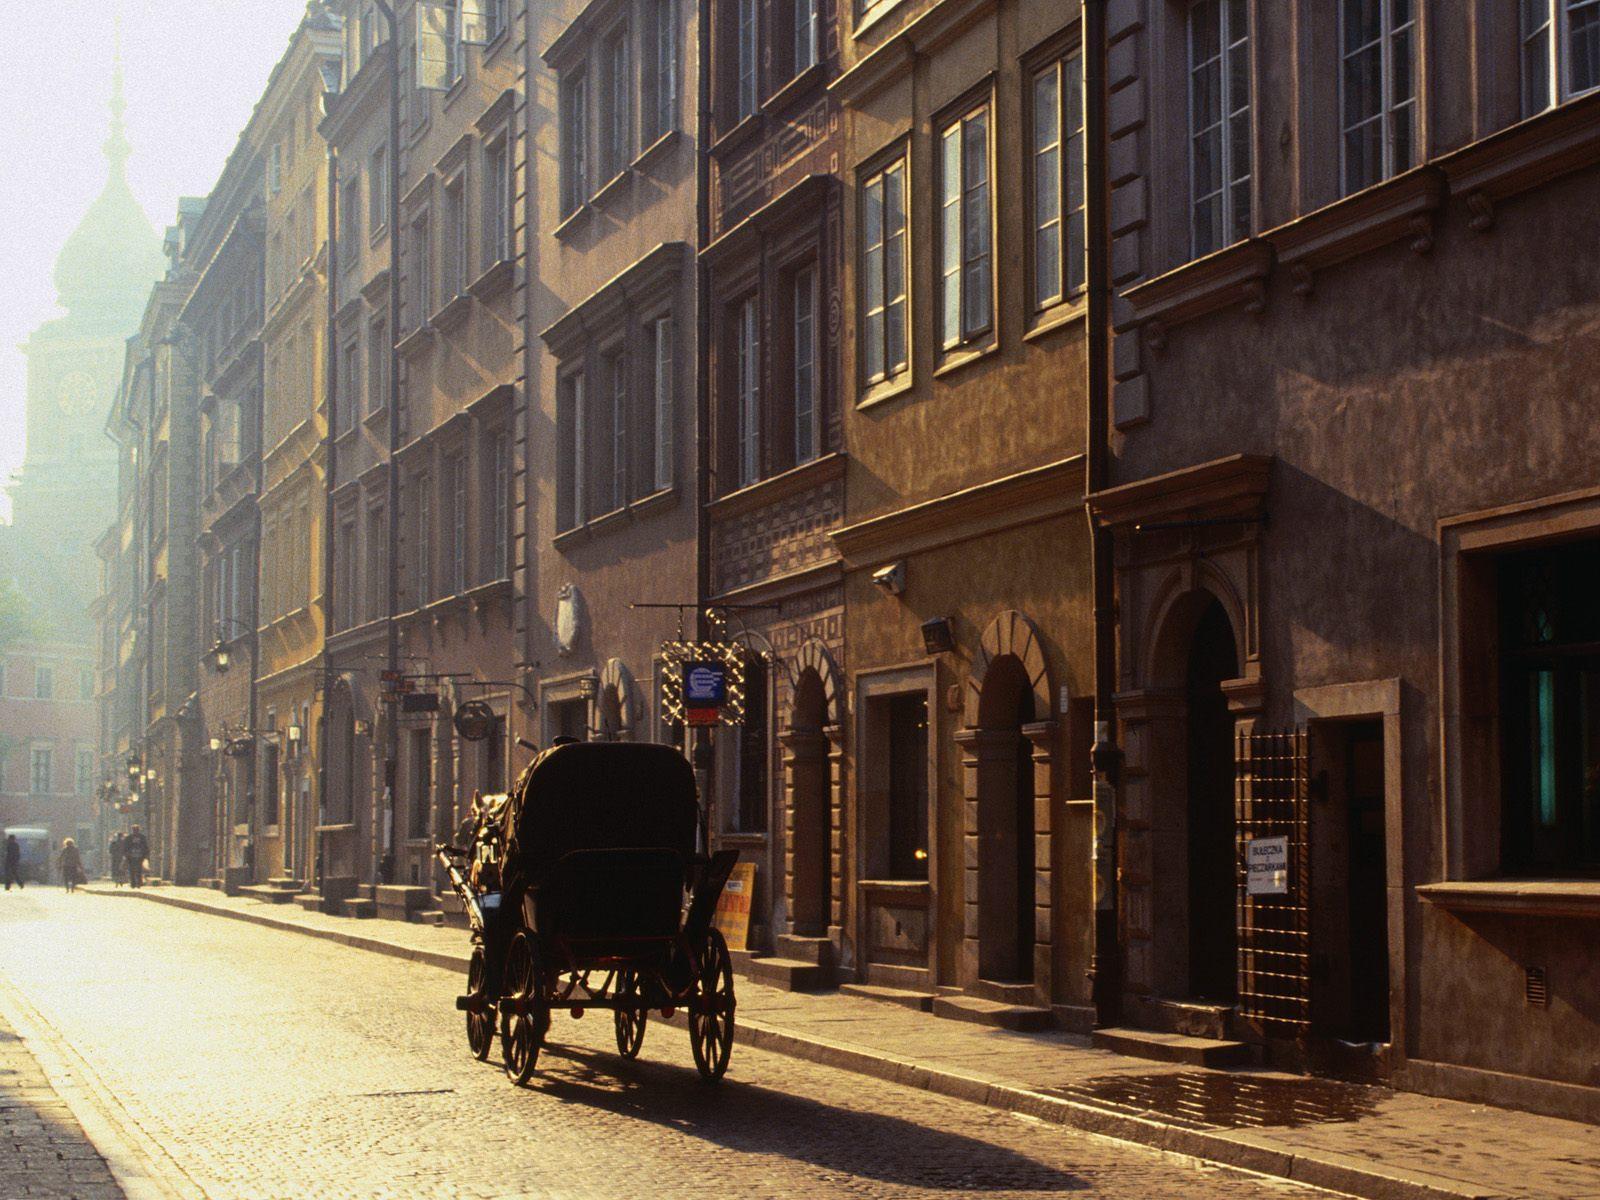 Old City Street Buildings Arial